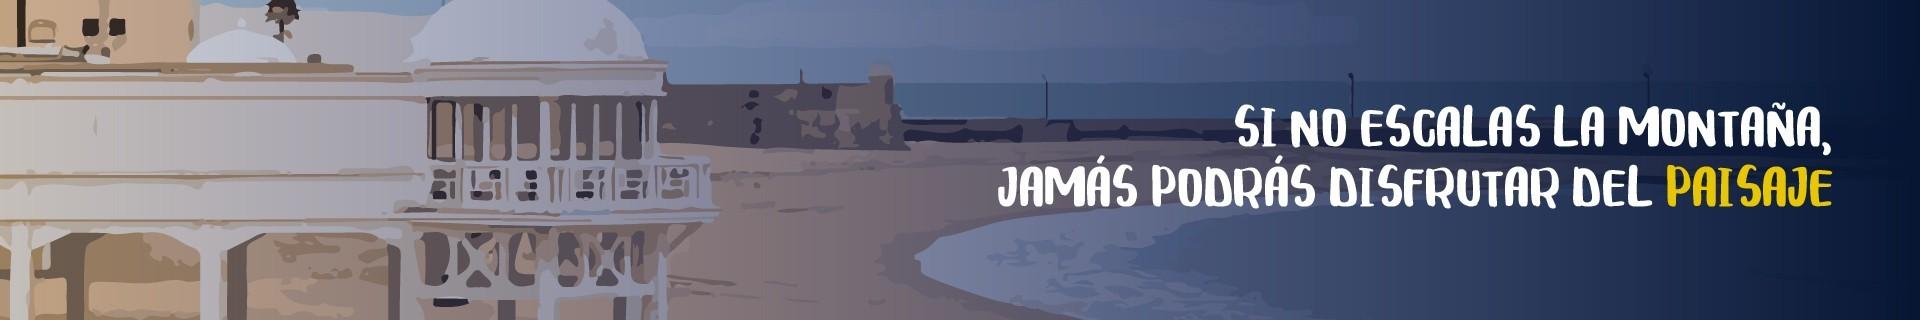 Calcetines de paisajes